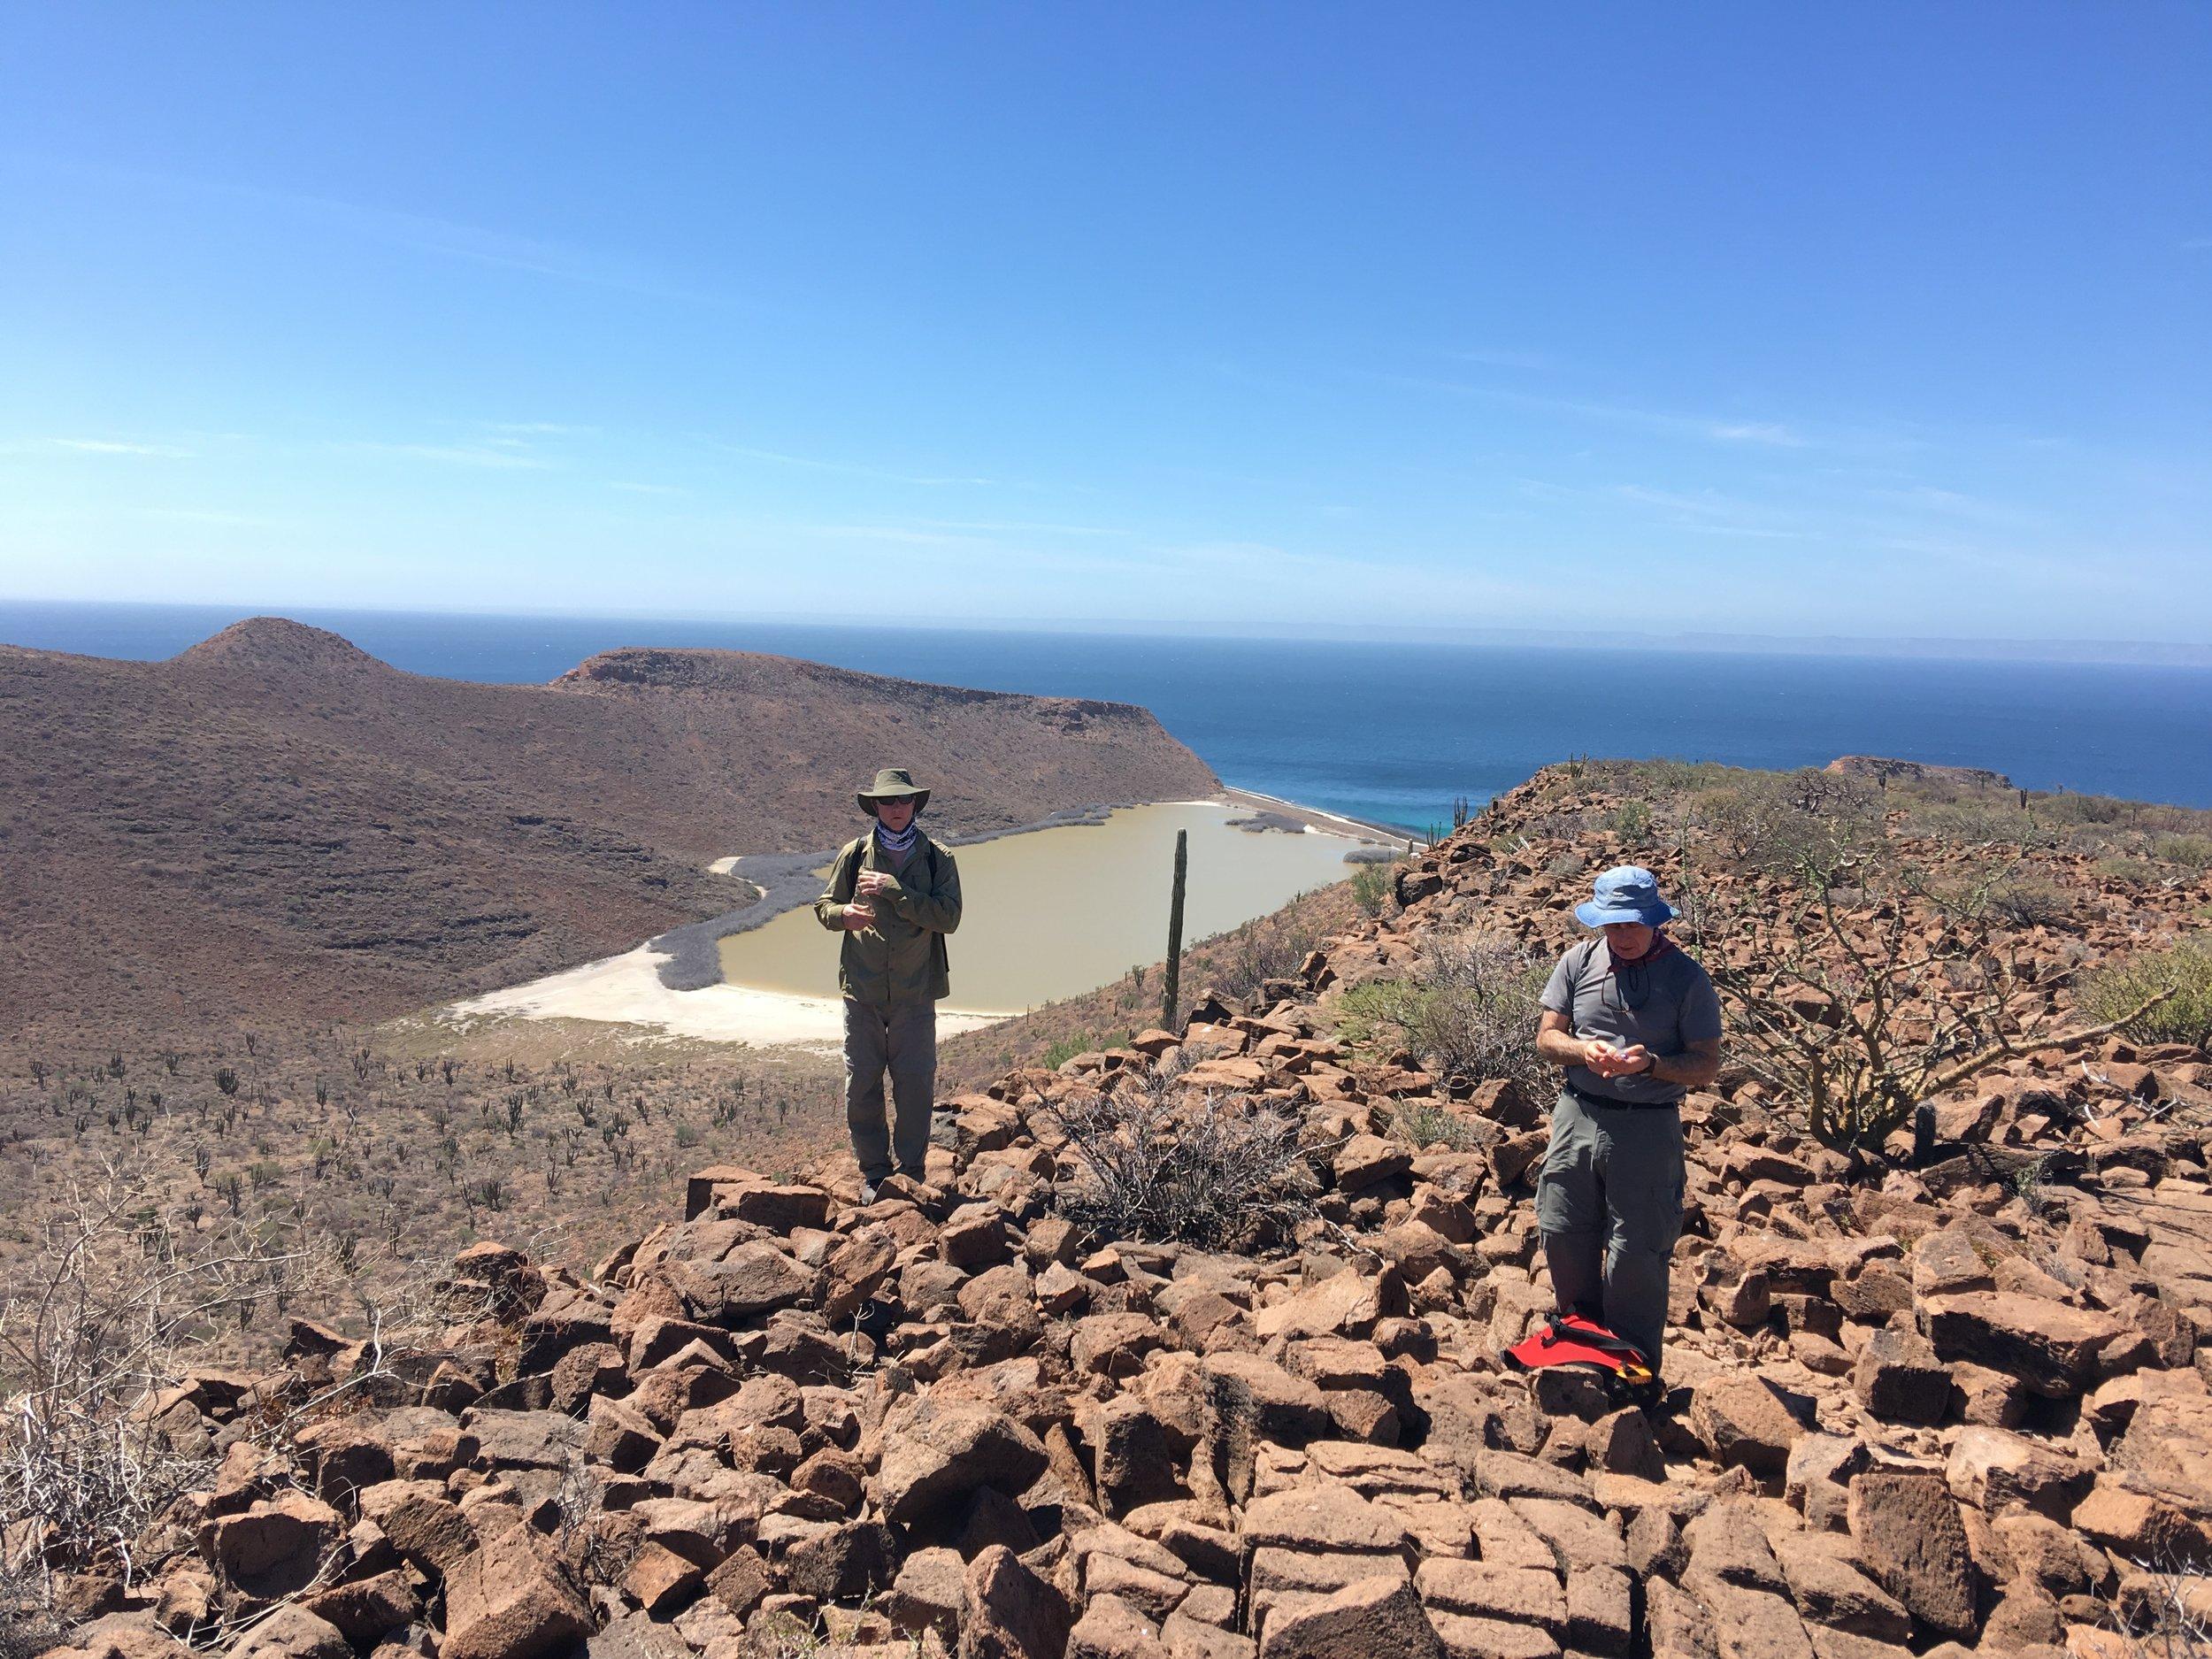 Baja has fascinating geology